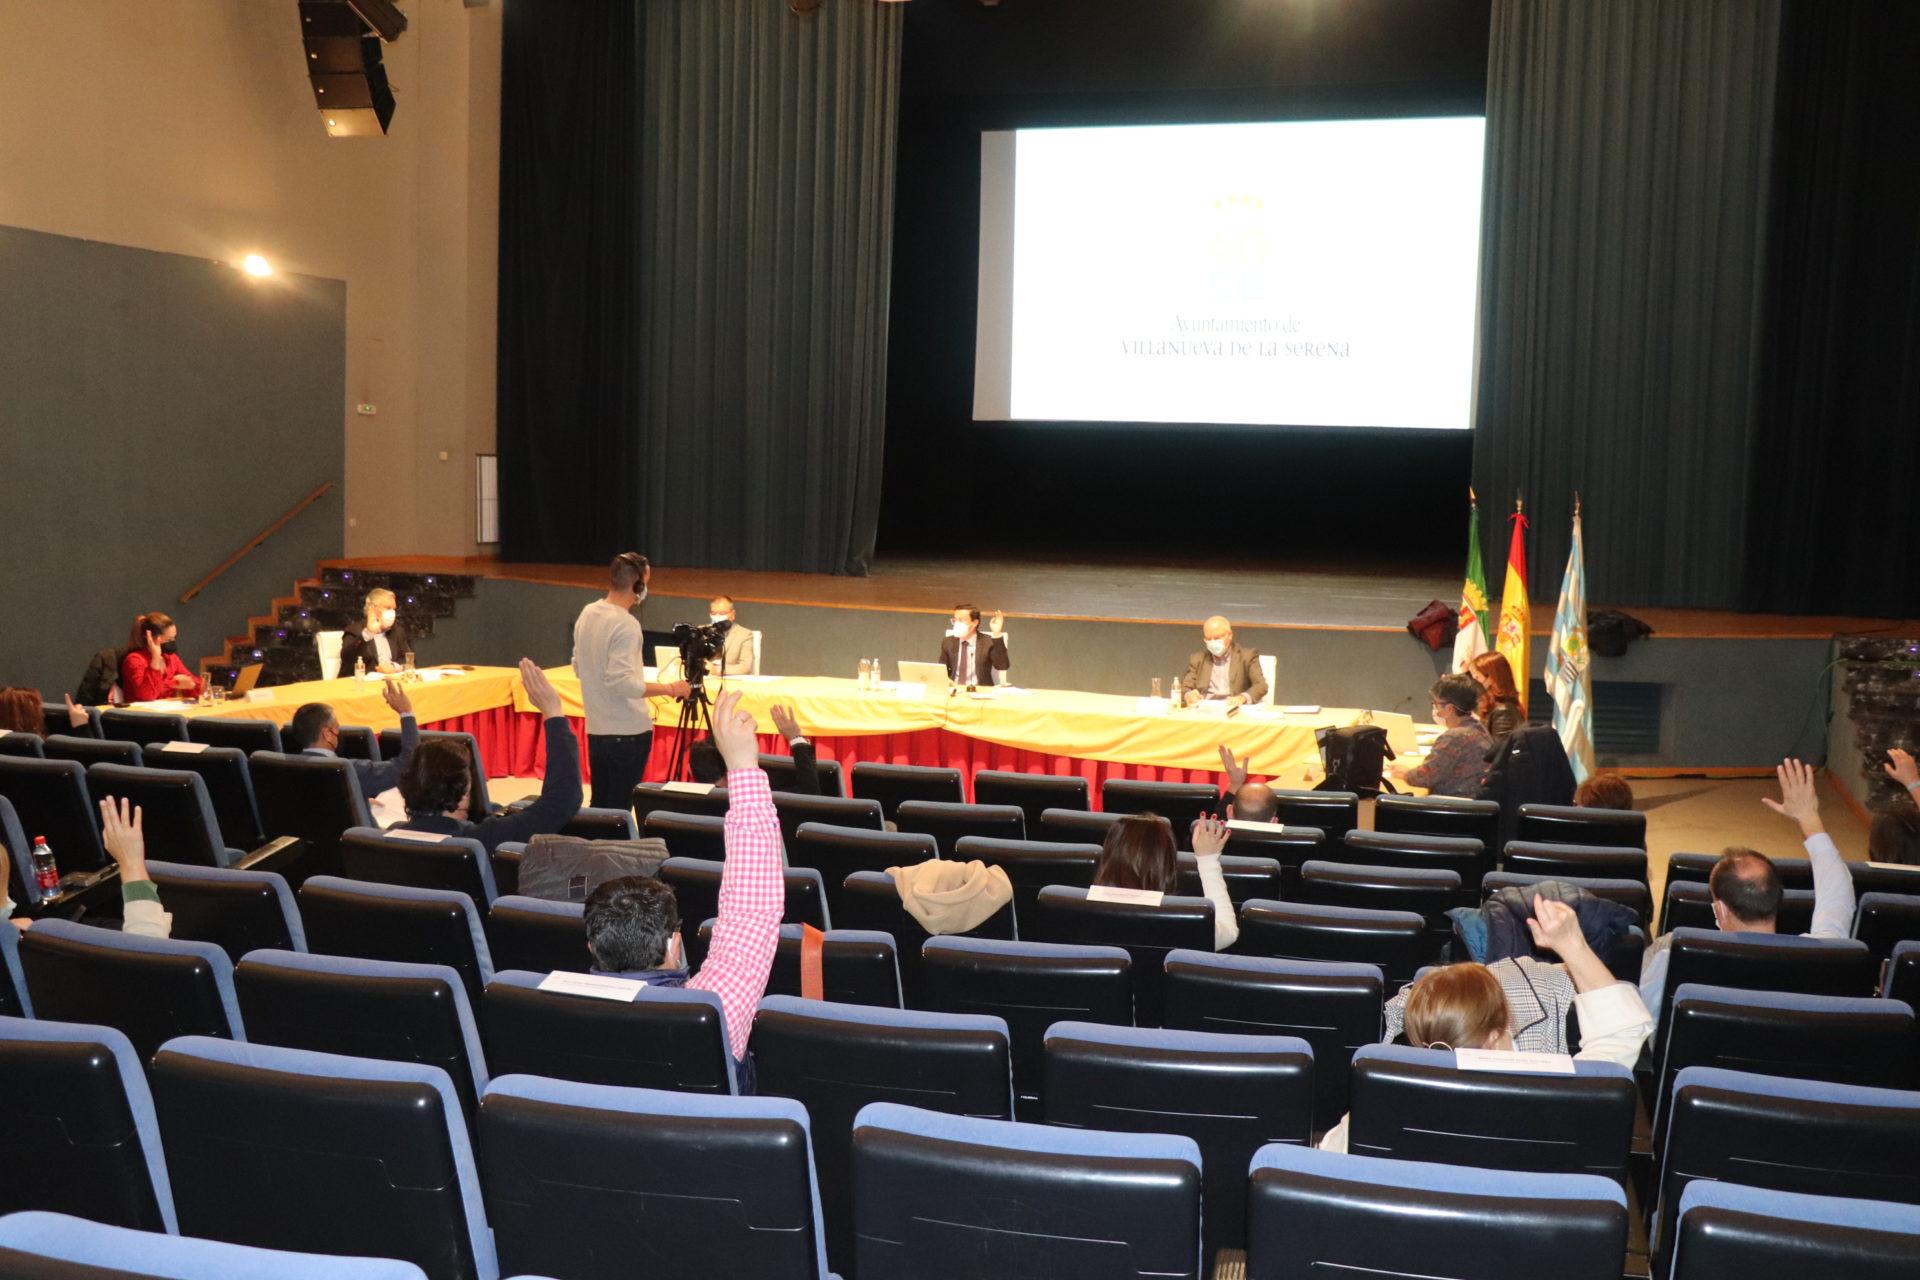 Aprobadas modificaciones de varias ordenanzas fiscales, además de mociones sobre el 8 M y las personas sordas